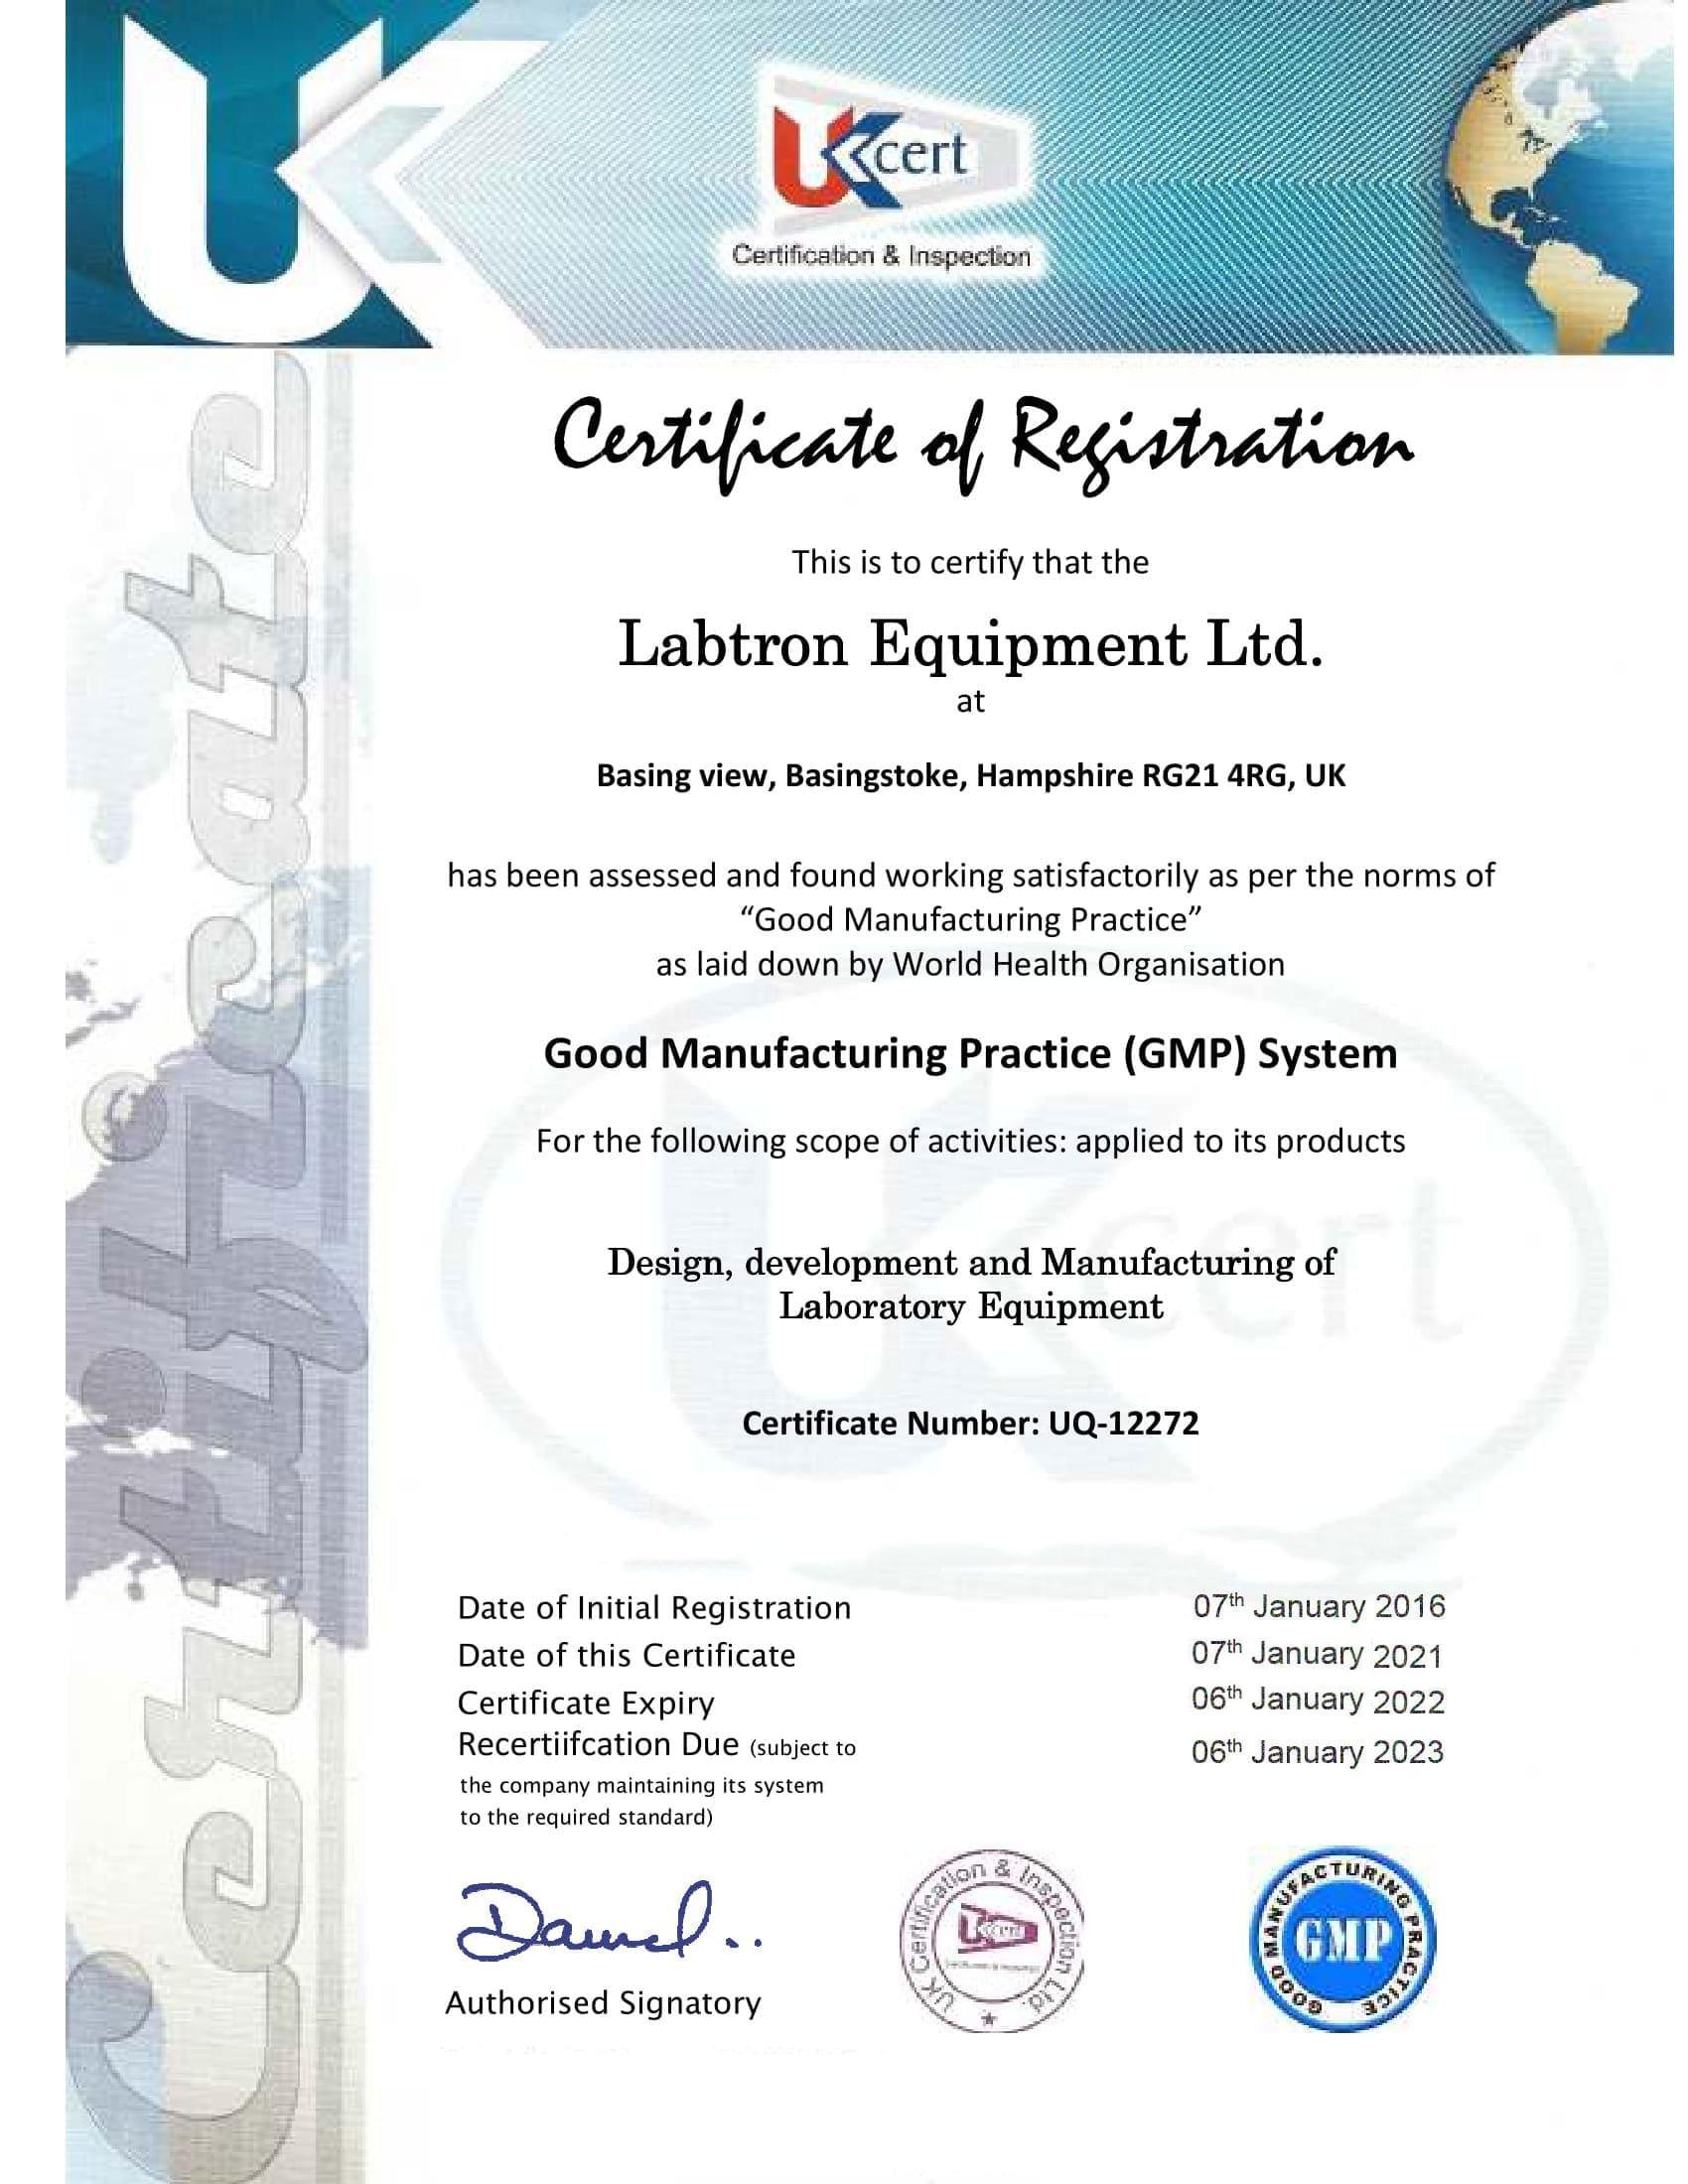 Labtron Equipment Ltd. GMP UQ-12272 UKCert